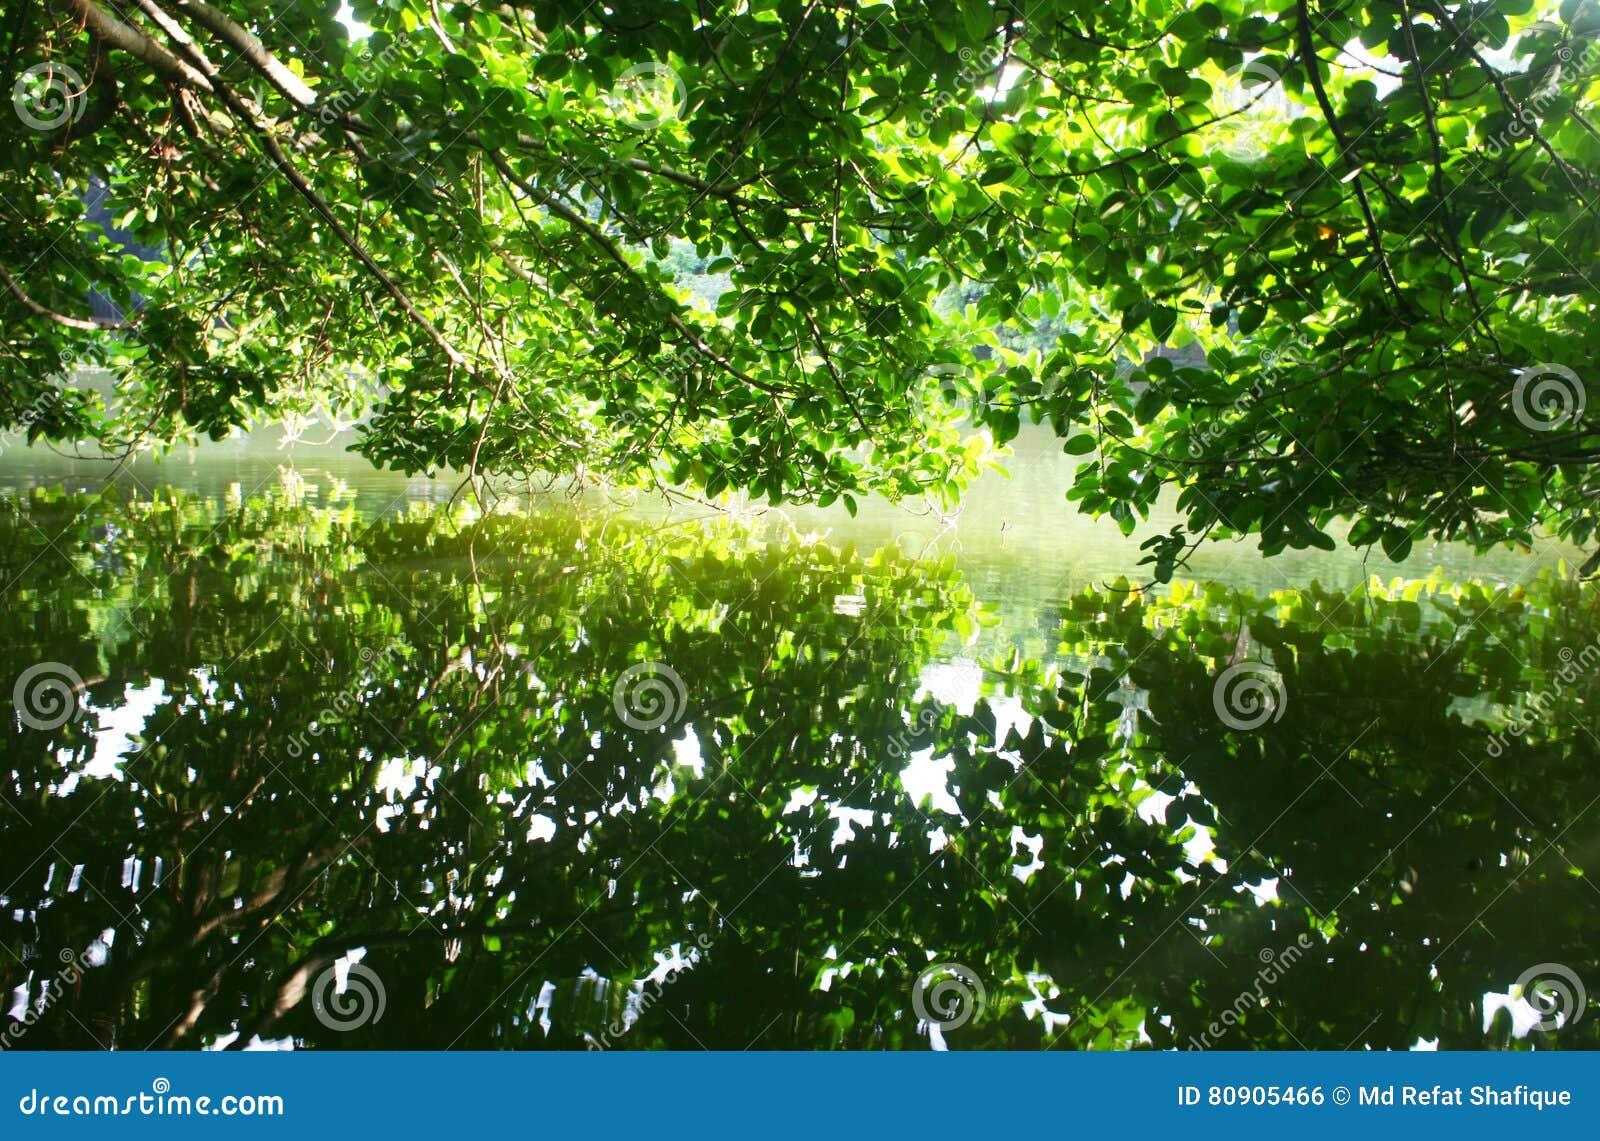 Reflexión de árboles en el lago tranquilo